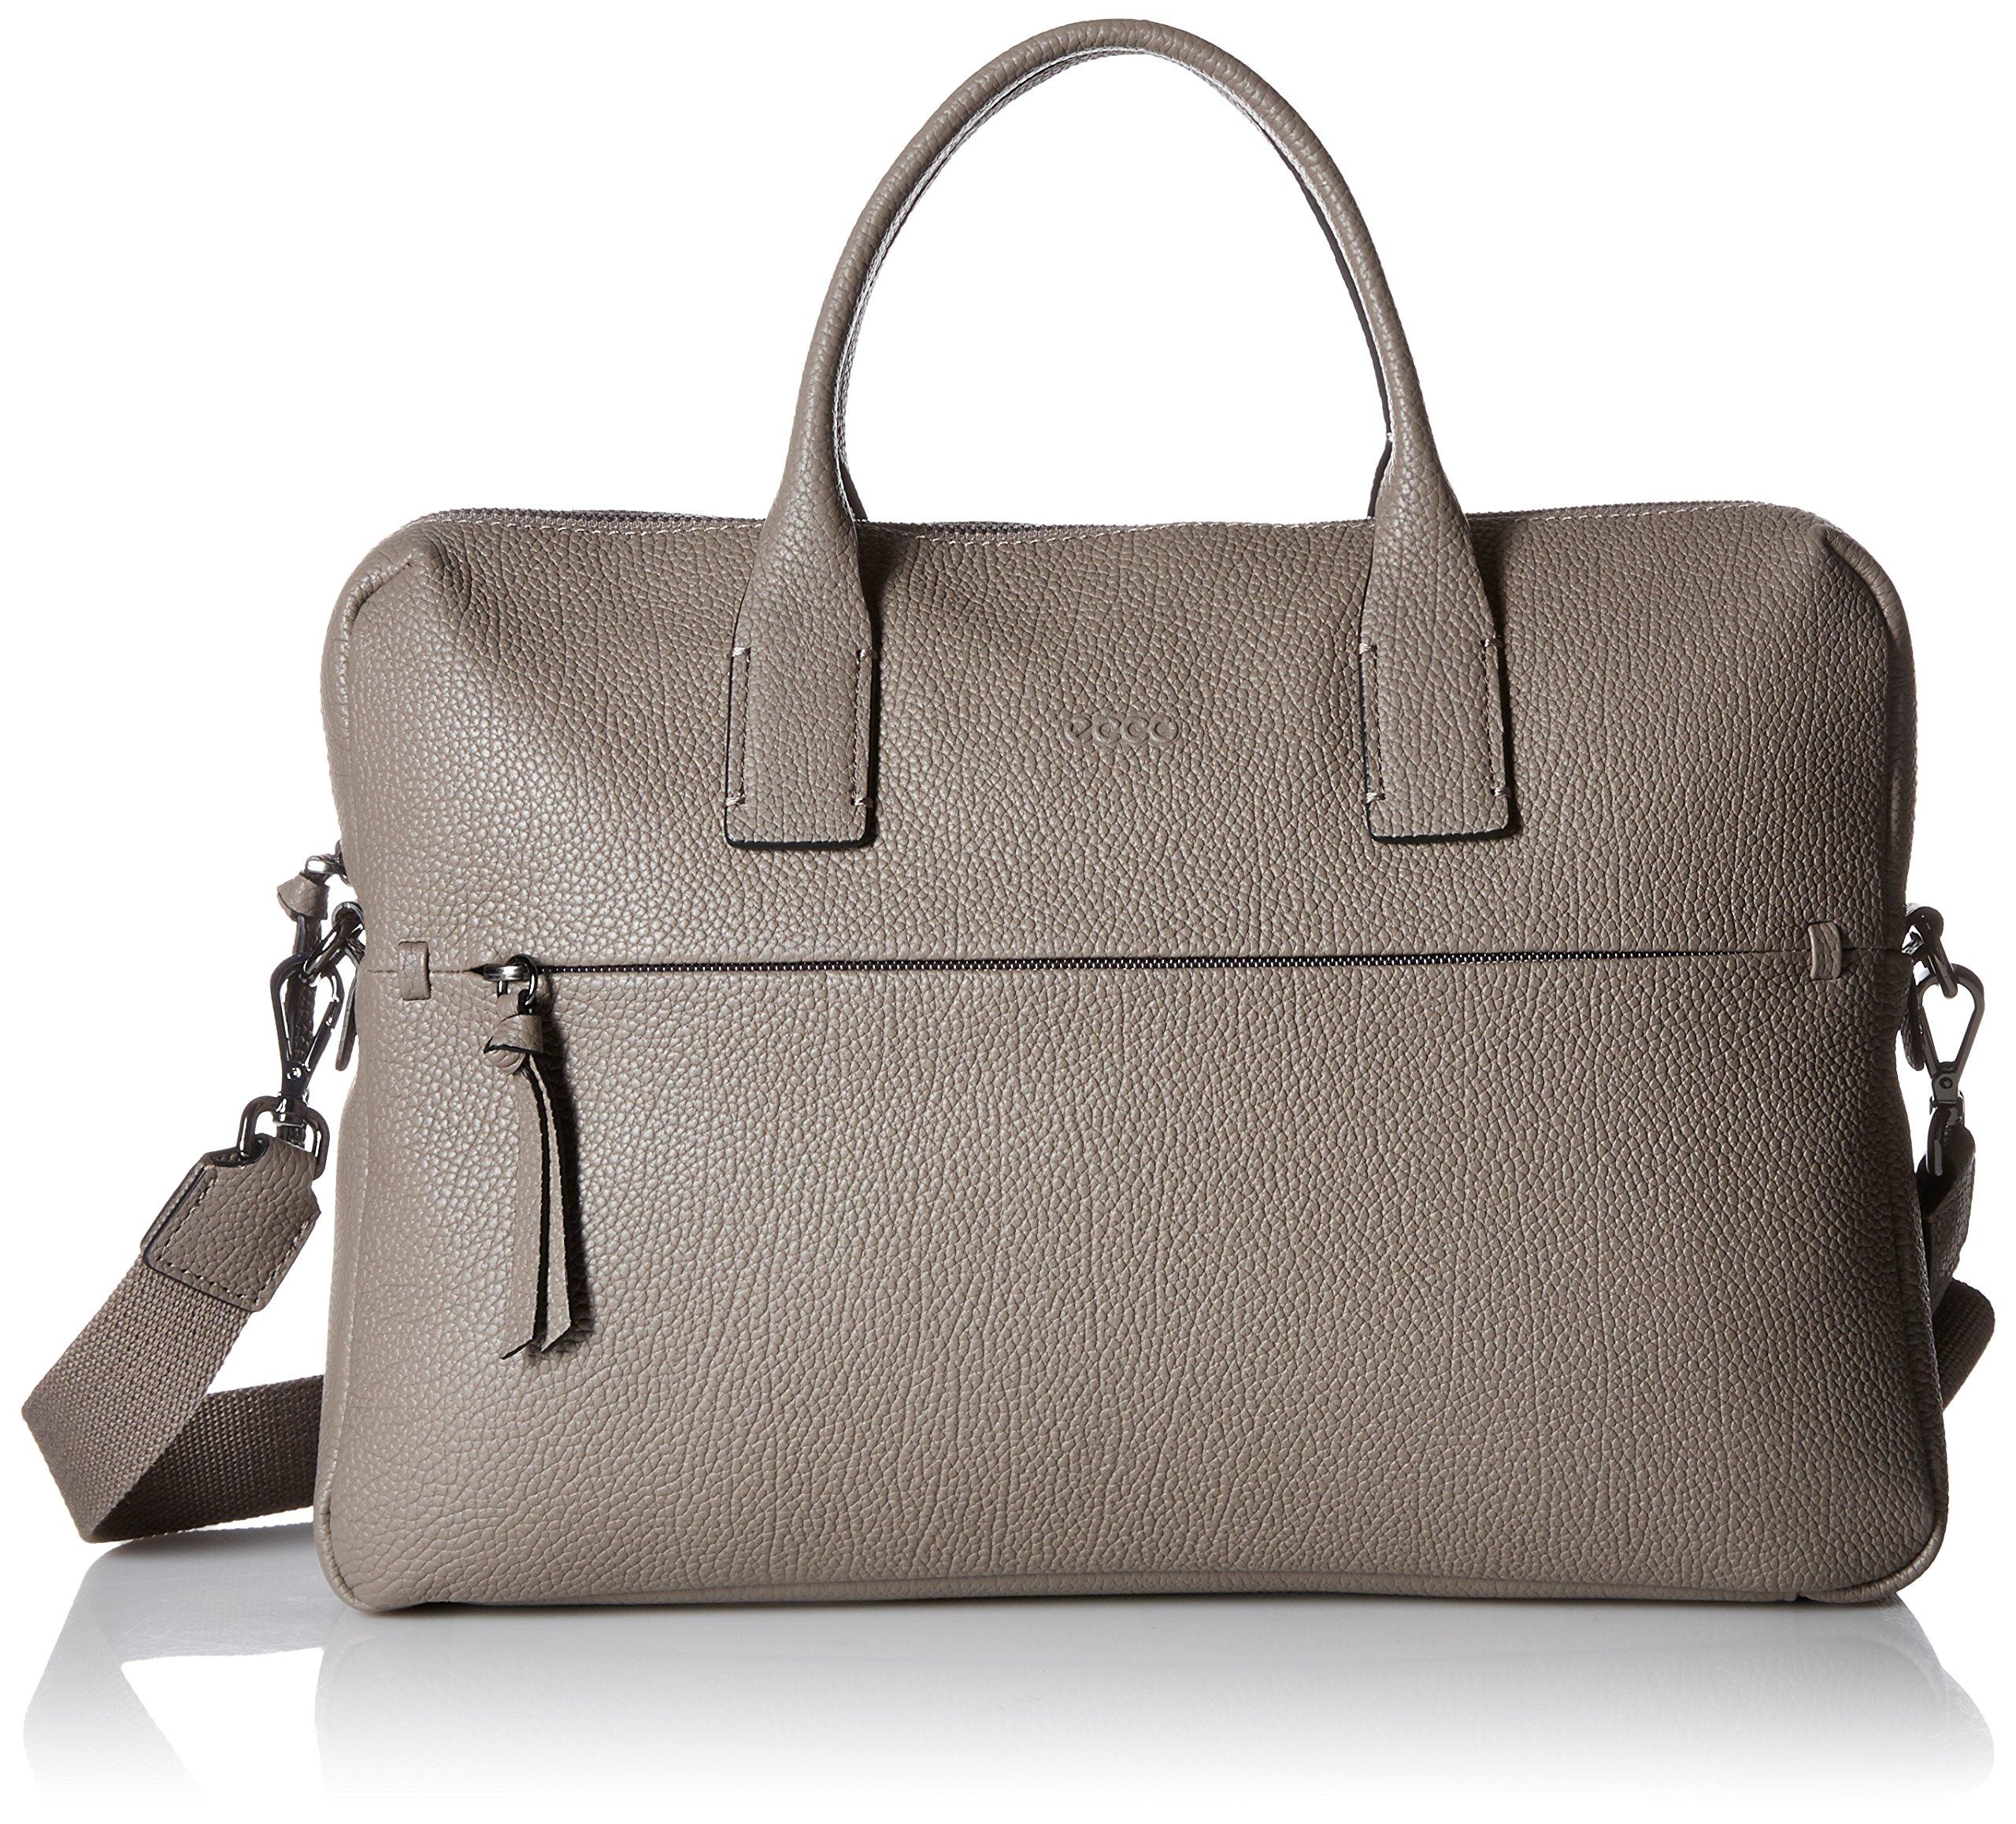 ECCO SP Slim Briefcase Shoulder Bag, Moon Rock, One Size